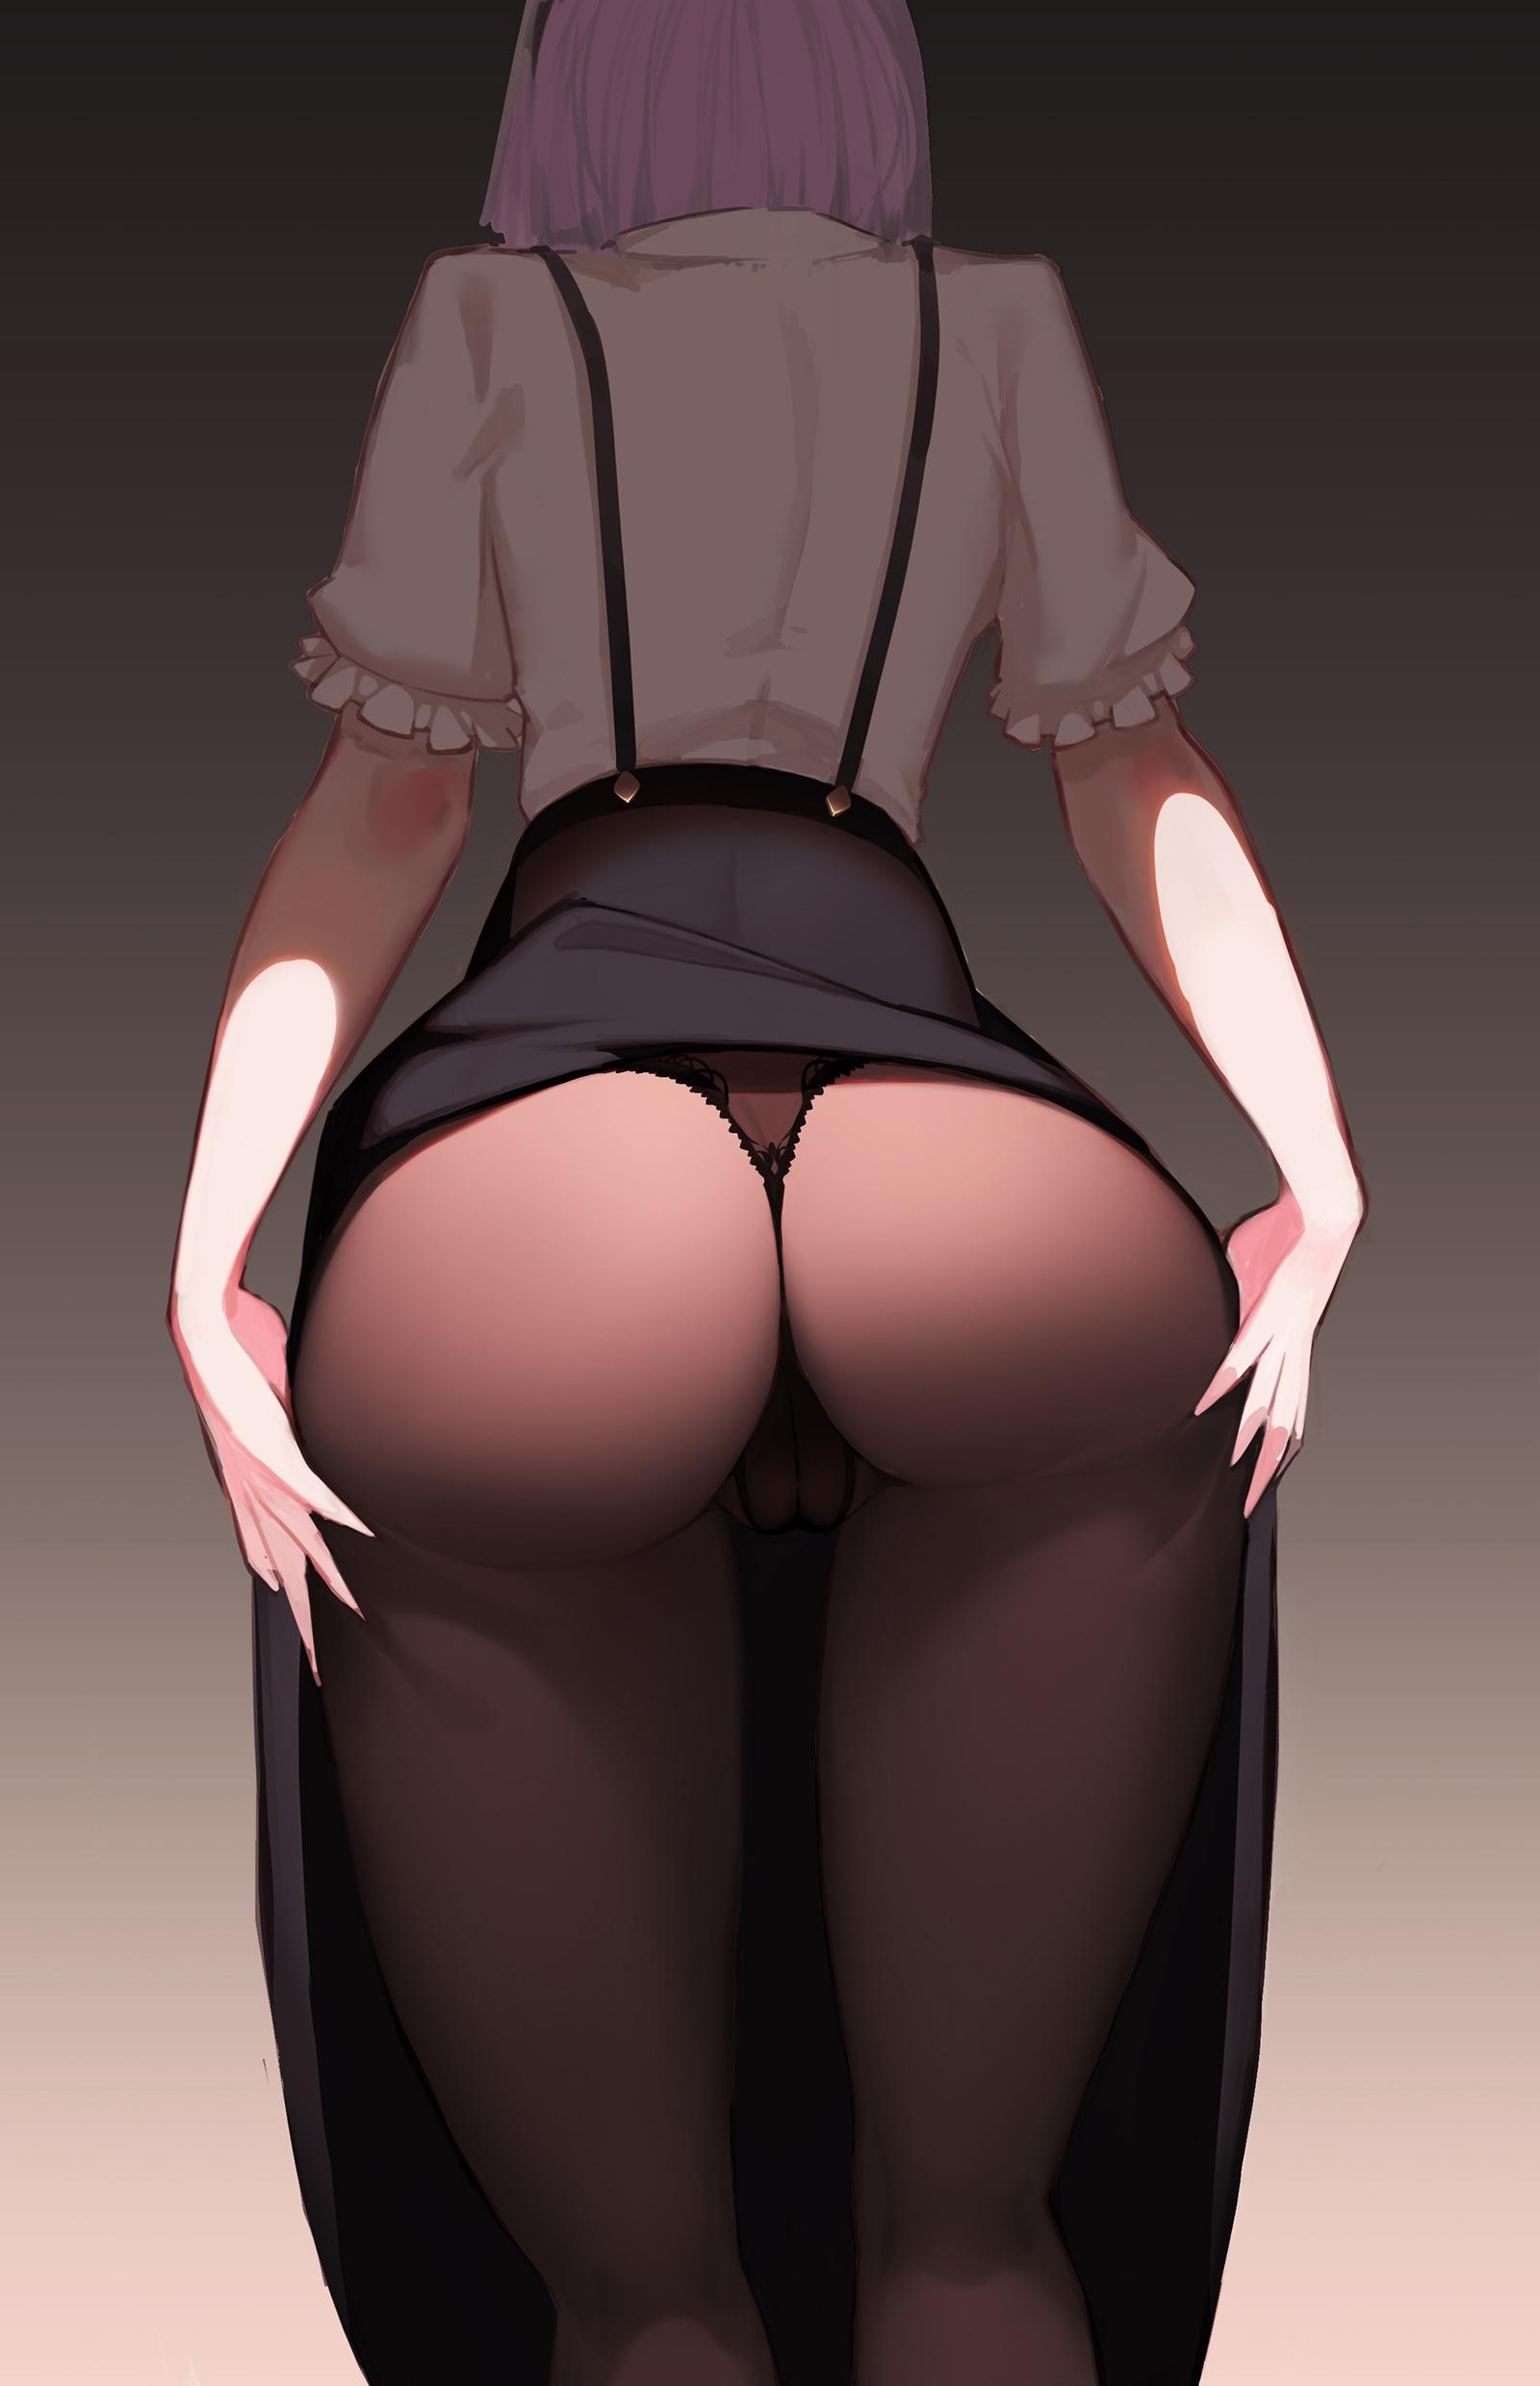 【お尻エロ画像】美尻よりも、お尻と呼びたくなる可愛い二次元イラストまとめ!w 31